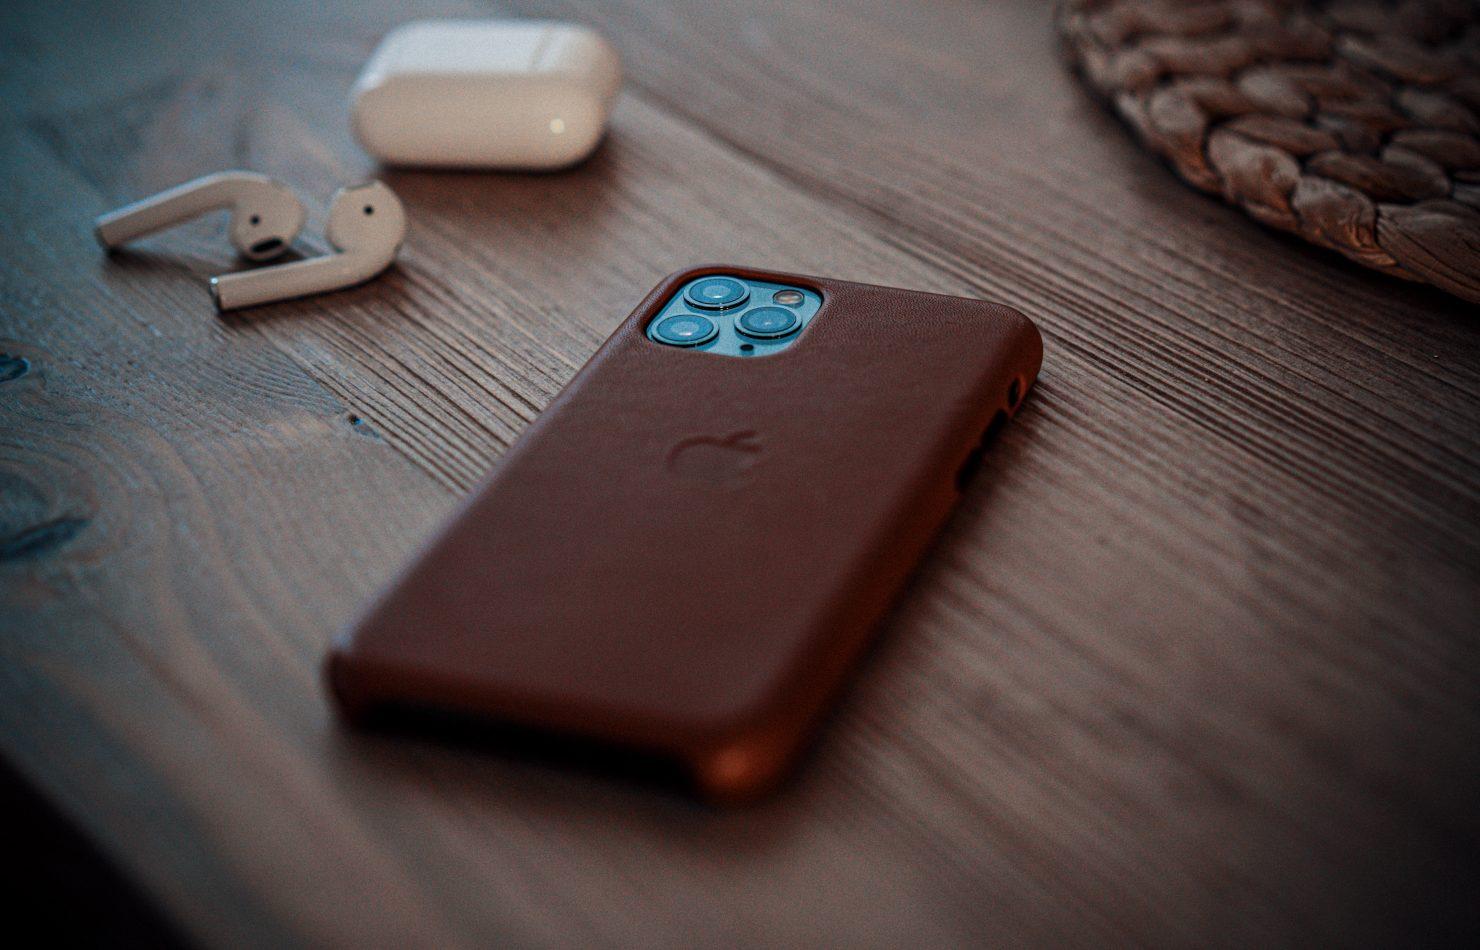 Apple's 'Find My' phone app iCloud